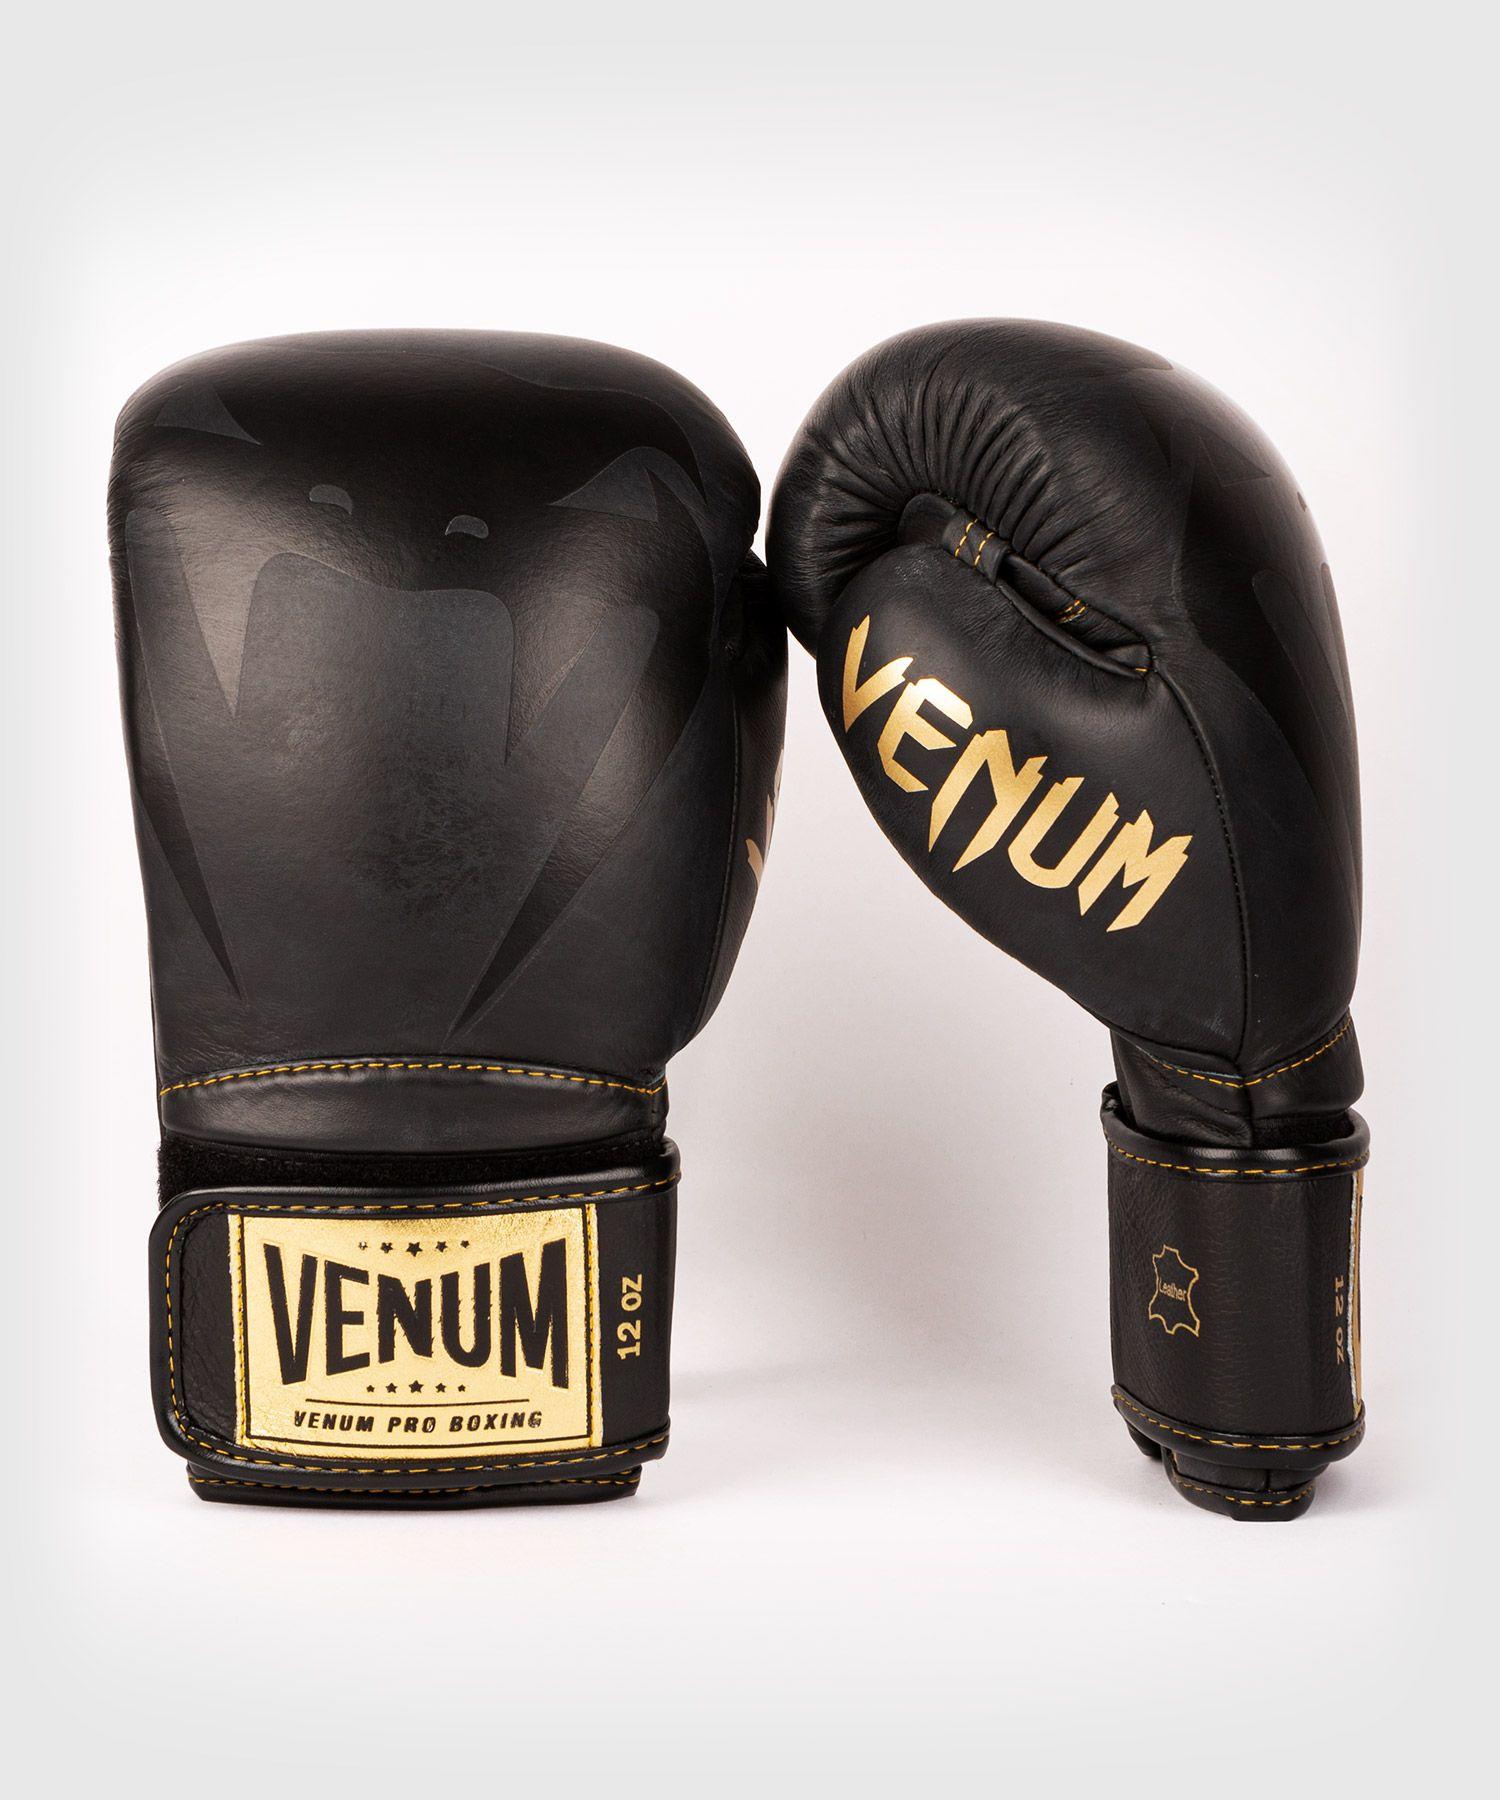 Gants de boxe pro Venum Giant 2.0 - Velcro - Noir/Noir-Or